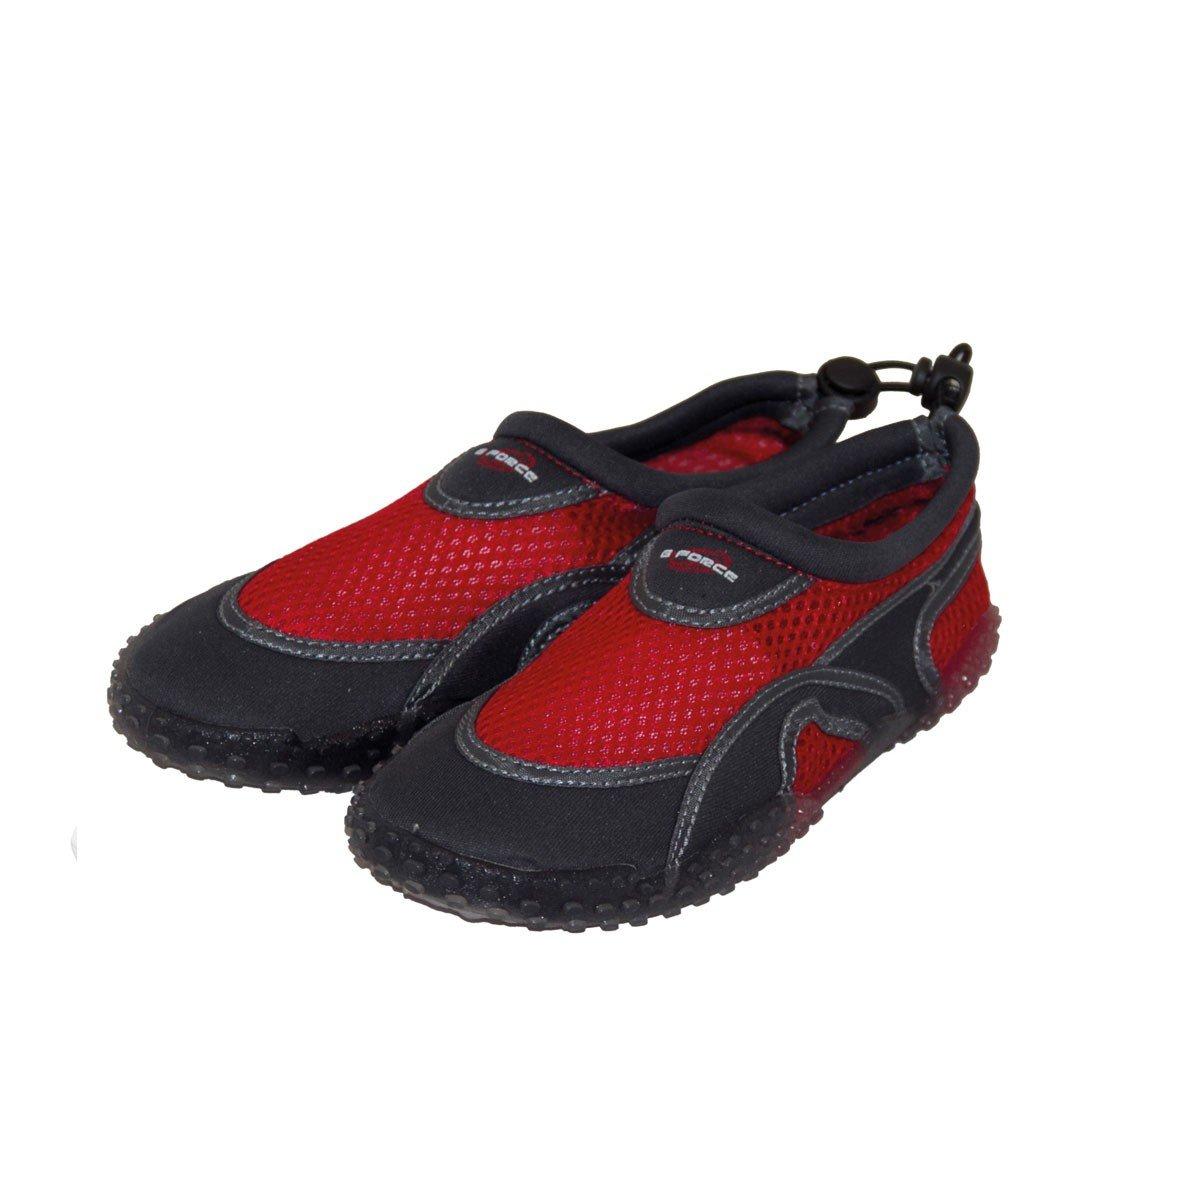 Gul Kids Aqua Shoe        Bo1256-B4